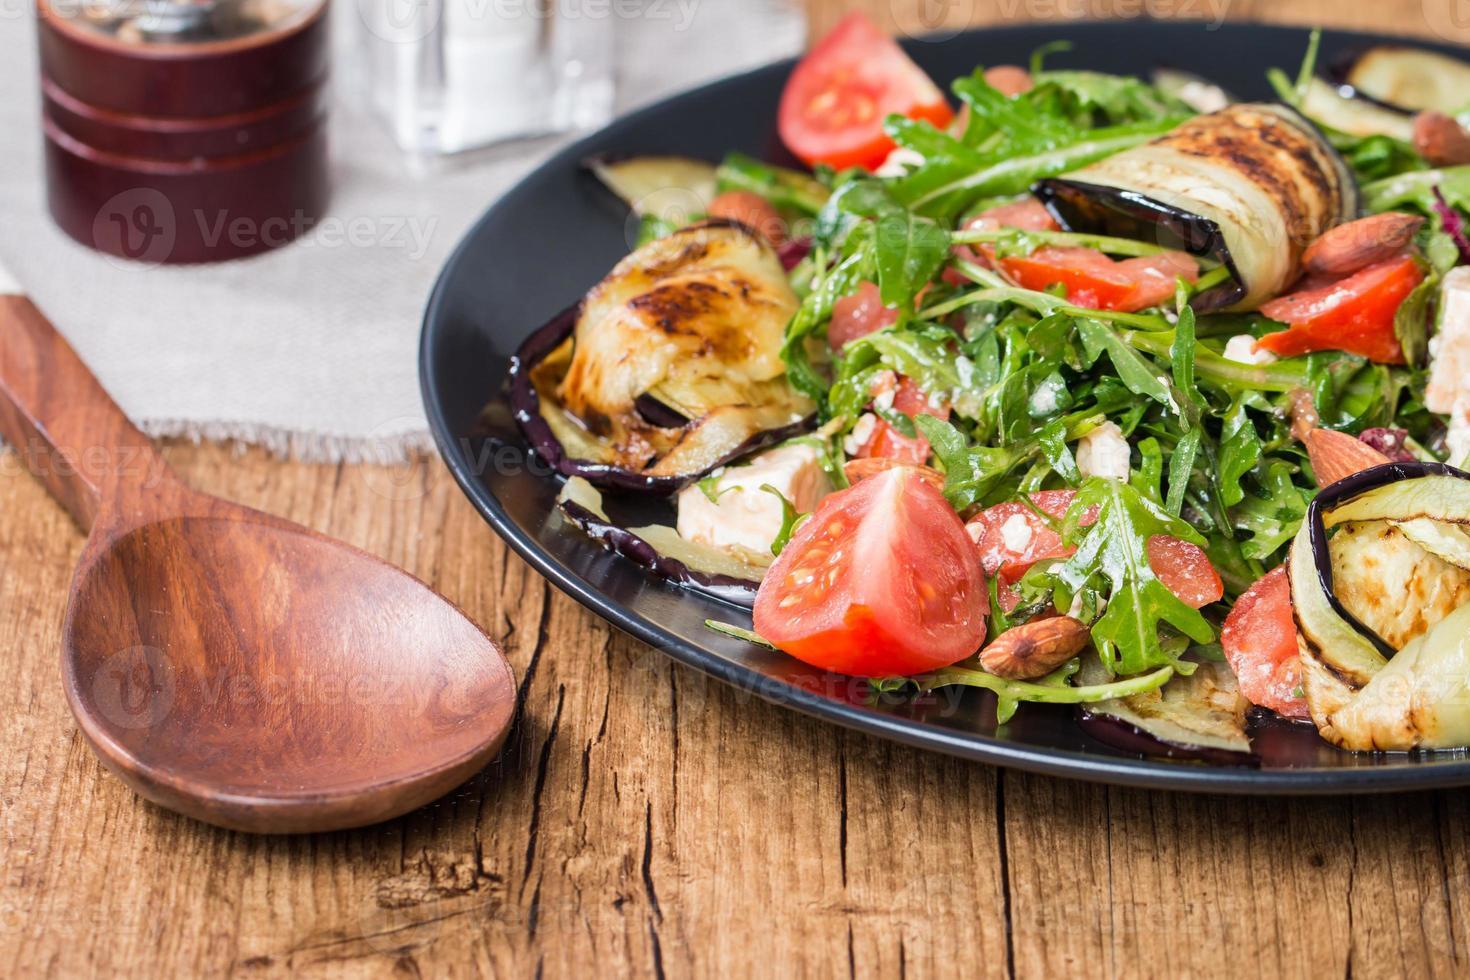 Eggplant salad with tomatoes and arugula photo